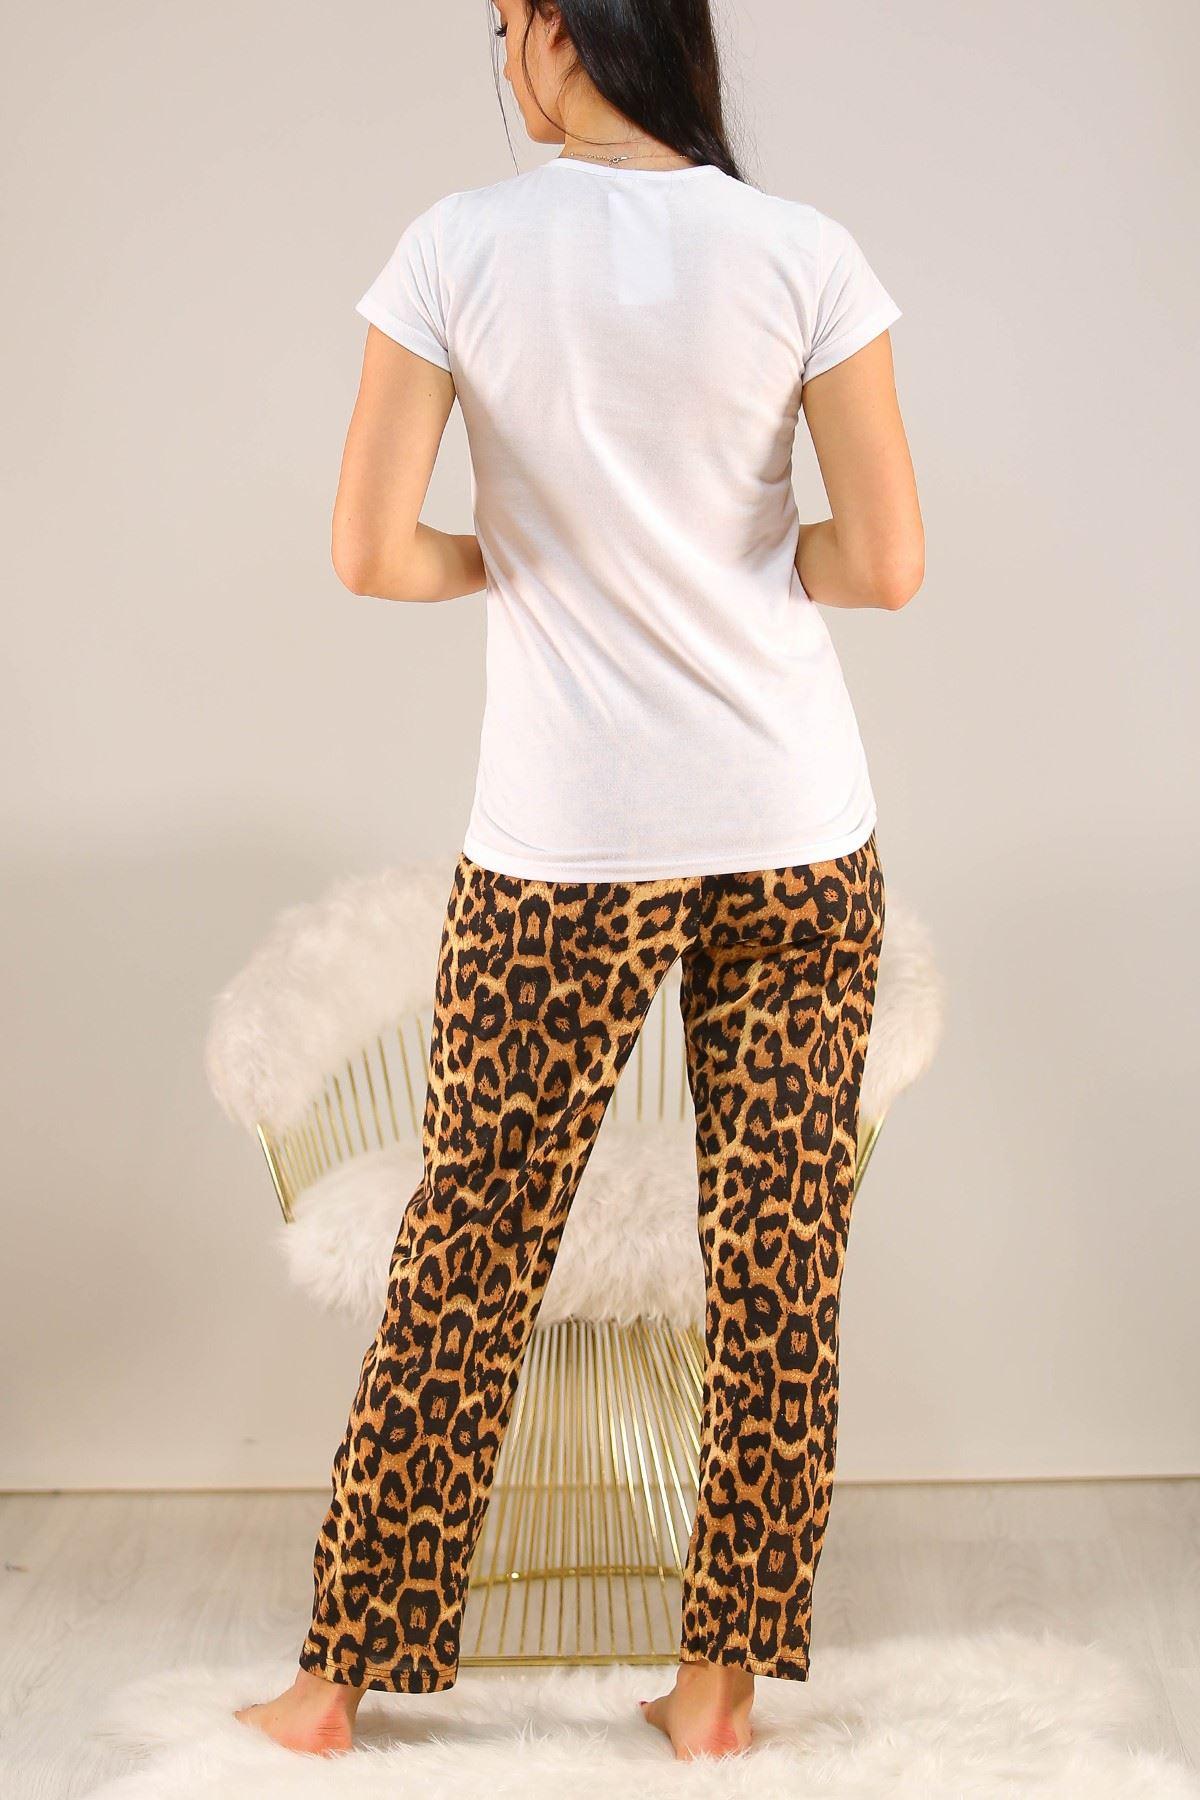 Baskılı Pijama Takımı Beyaz - 5096.102.